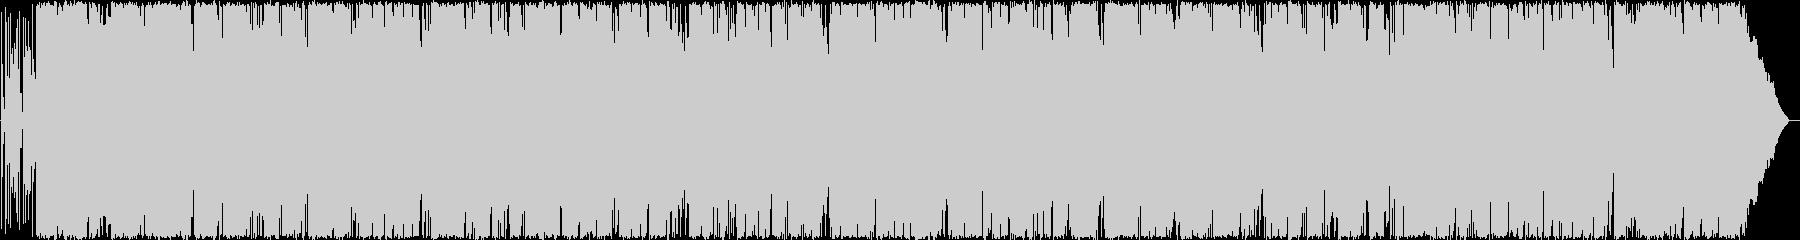 軽快なサックスのポップロックの未再生の波形